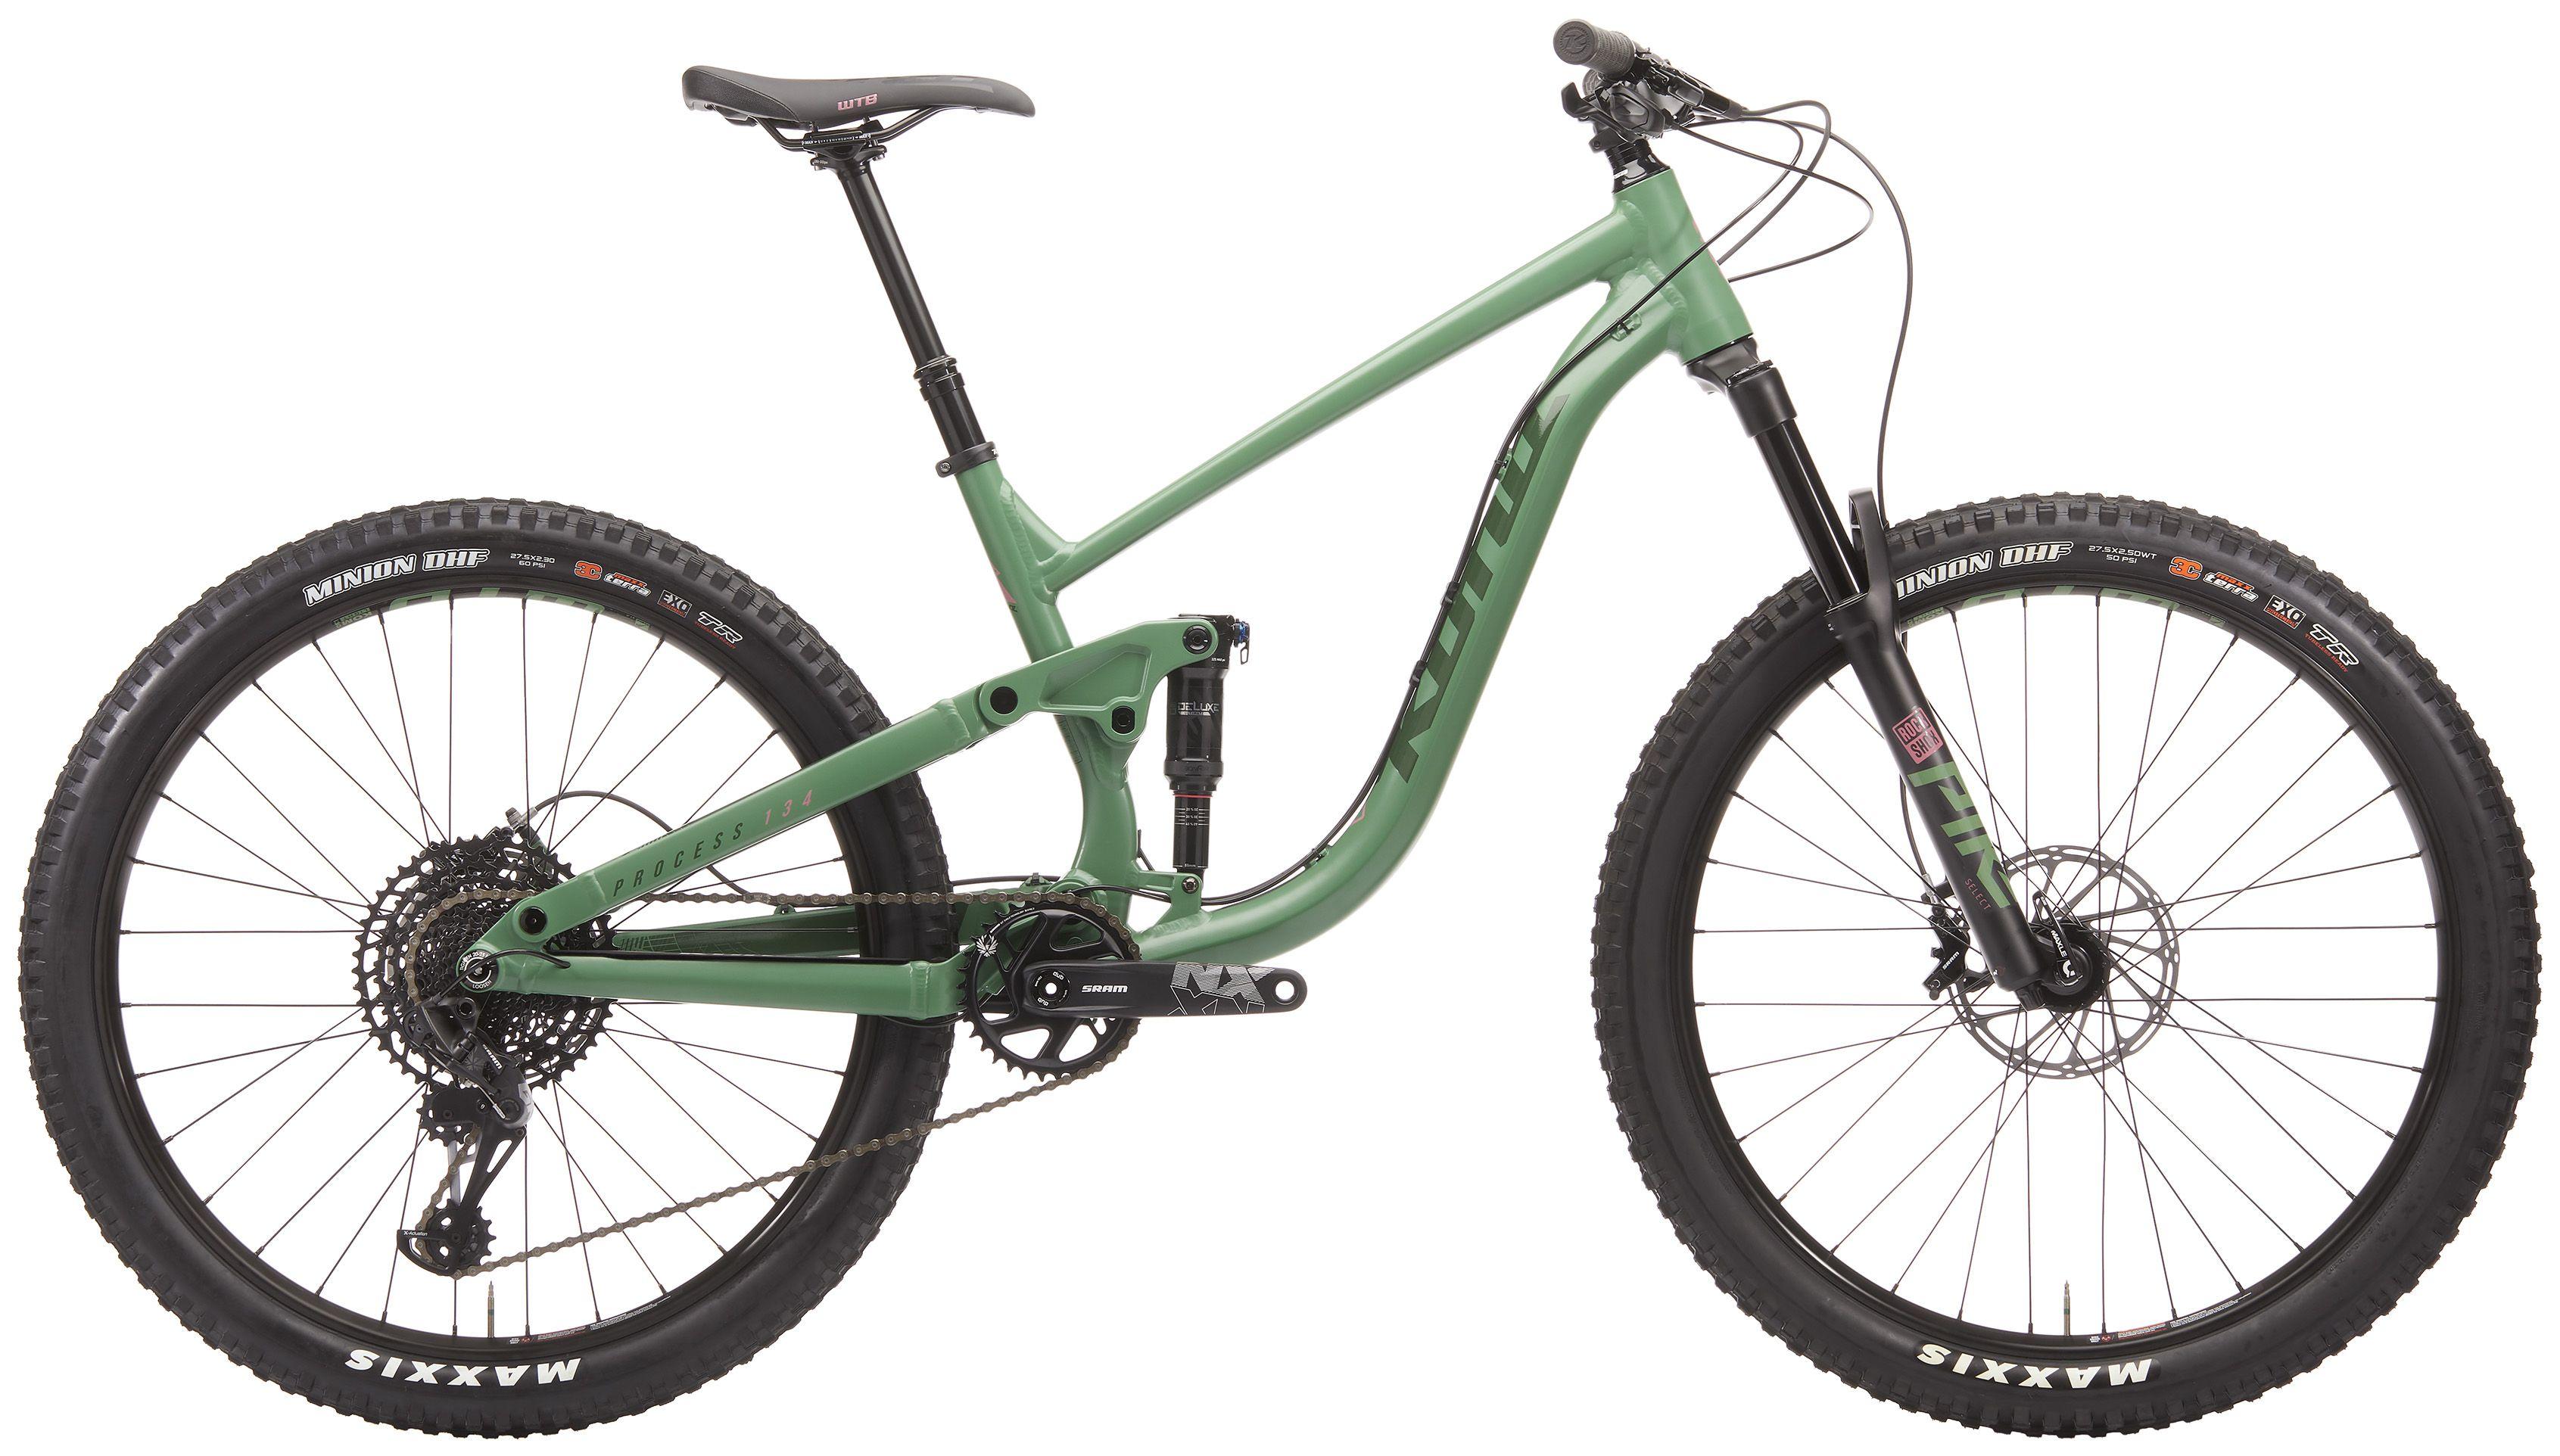 Kona Process Dl 650b Mountain Bike 2020 | Mountainbikes